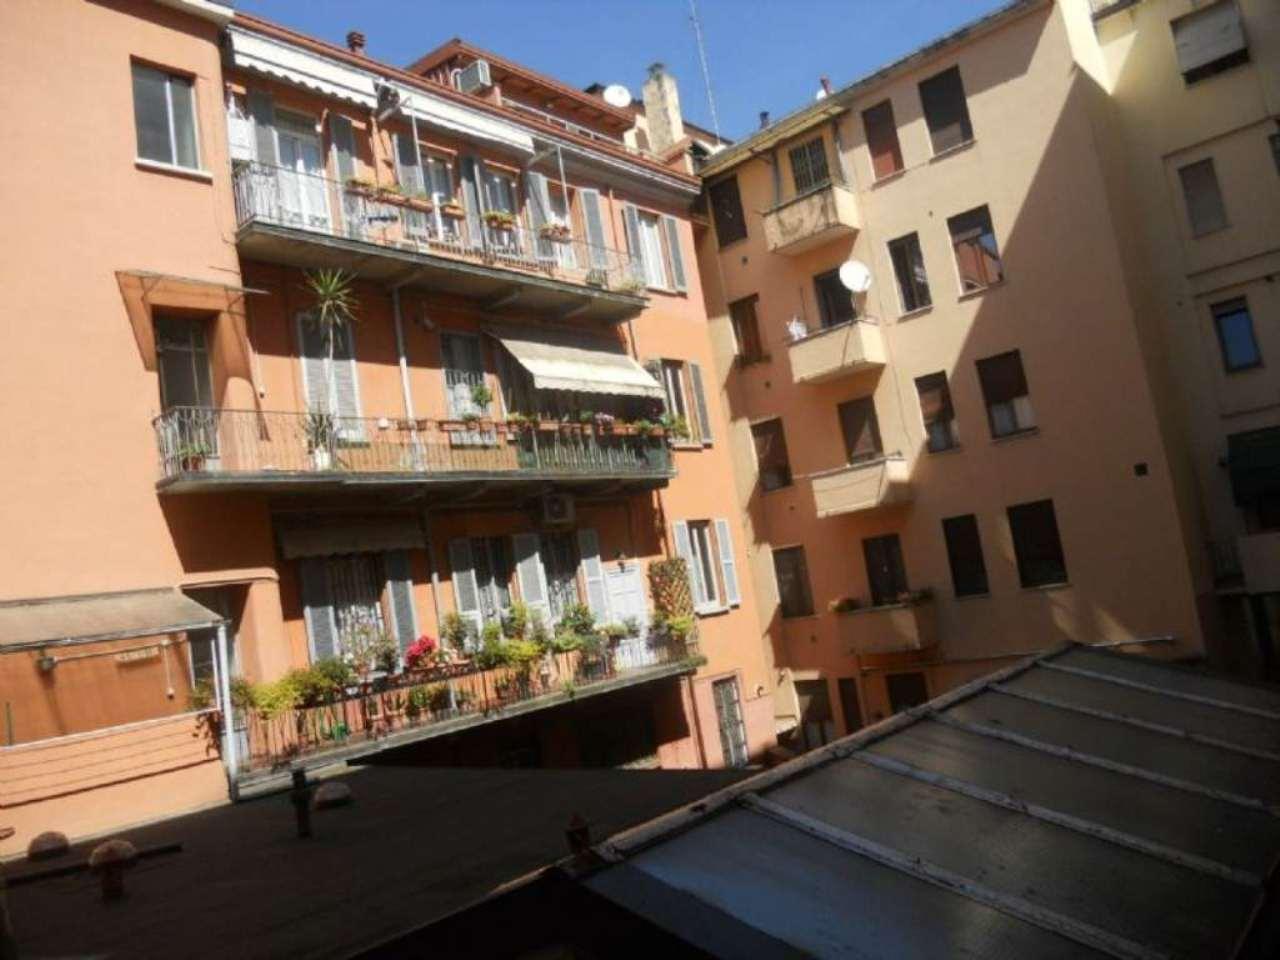 Bilocale Milano Via Correggio 8